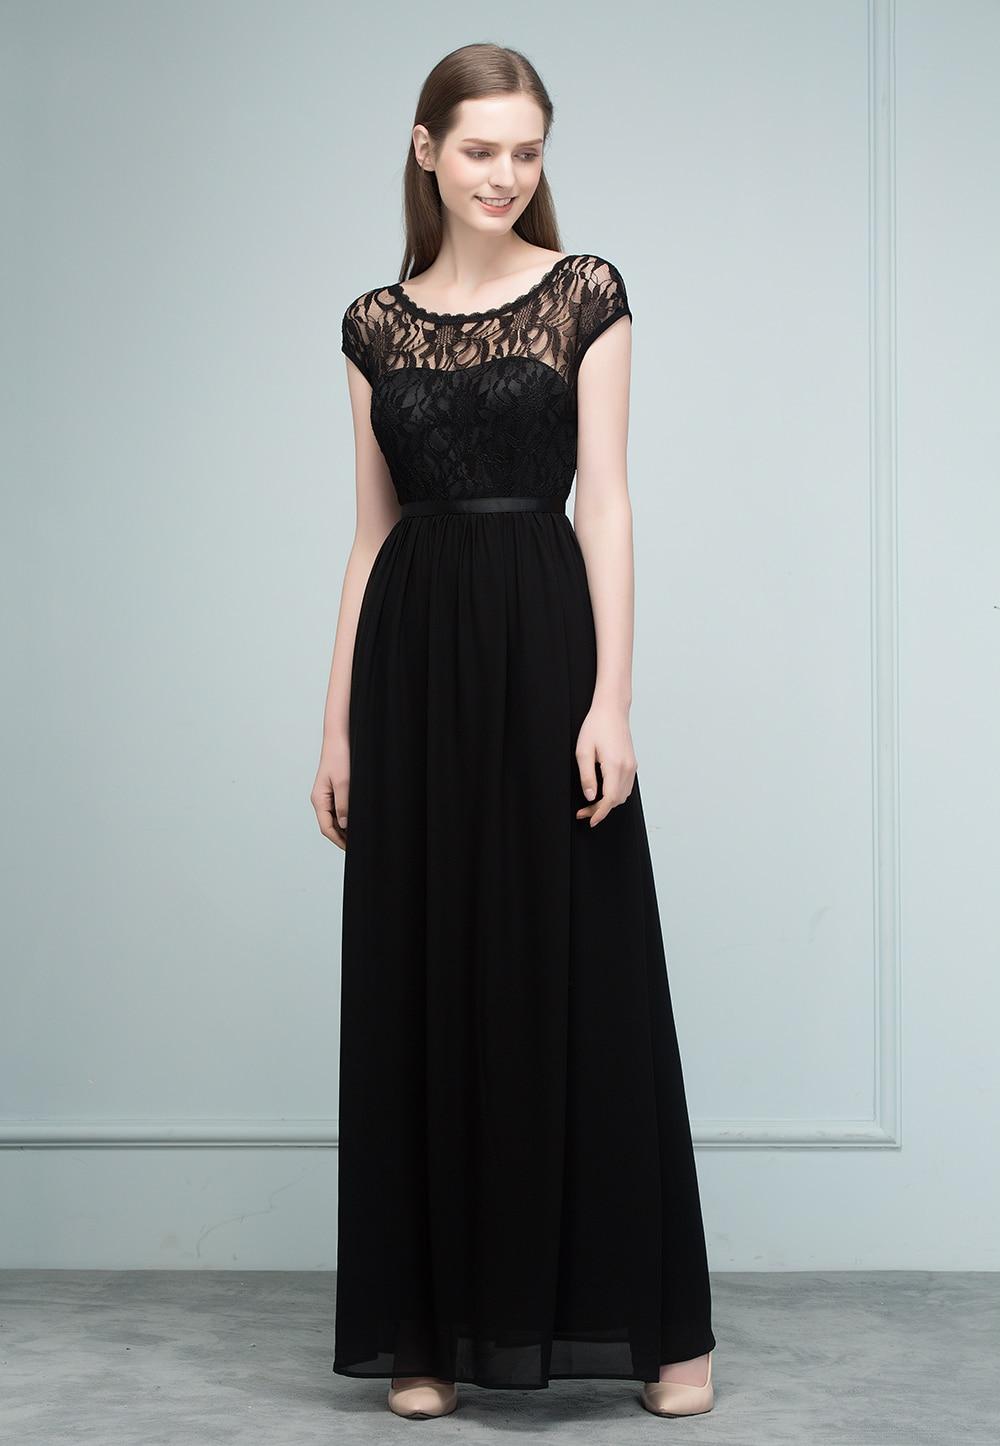 Awesome Vogue Prom Dresses.com Pictures Inspiration - Wedding Ideas ...